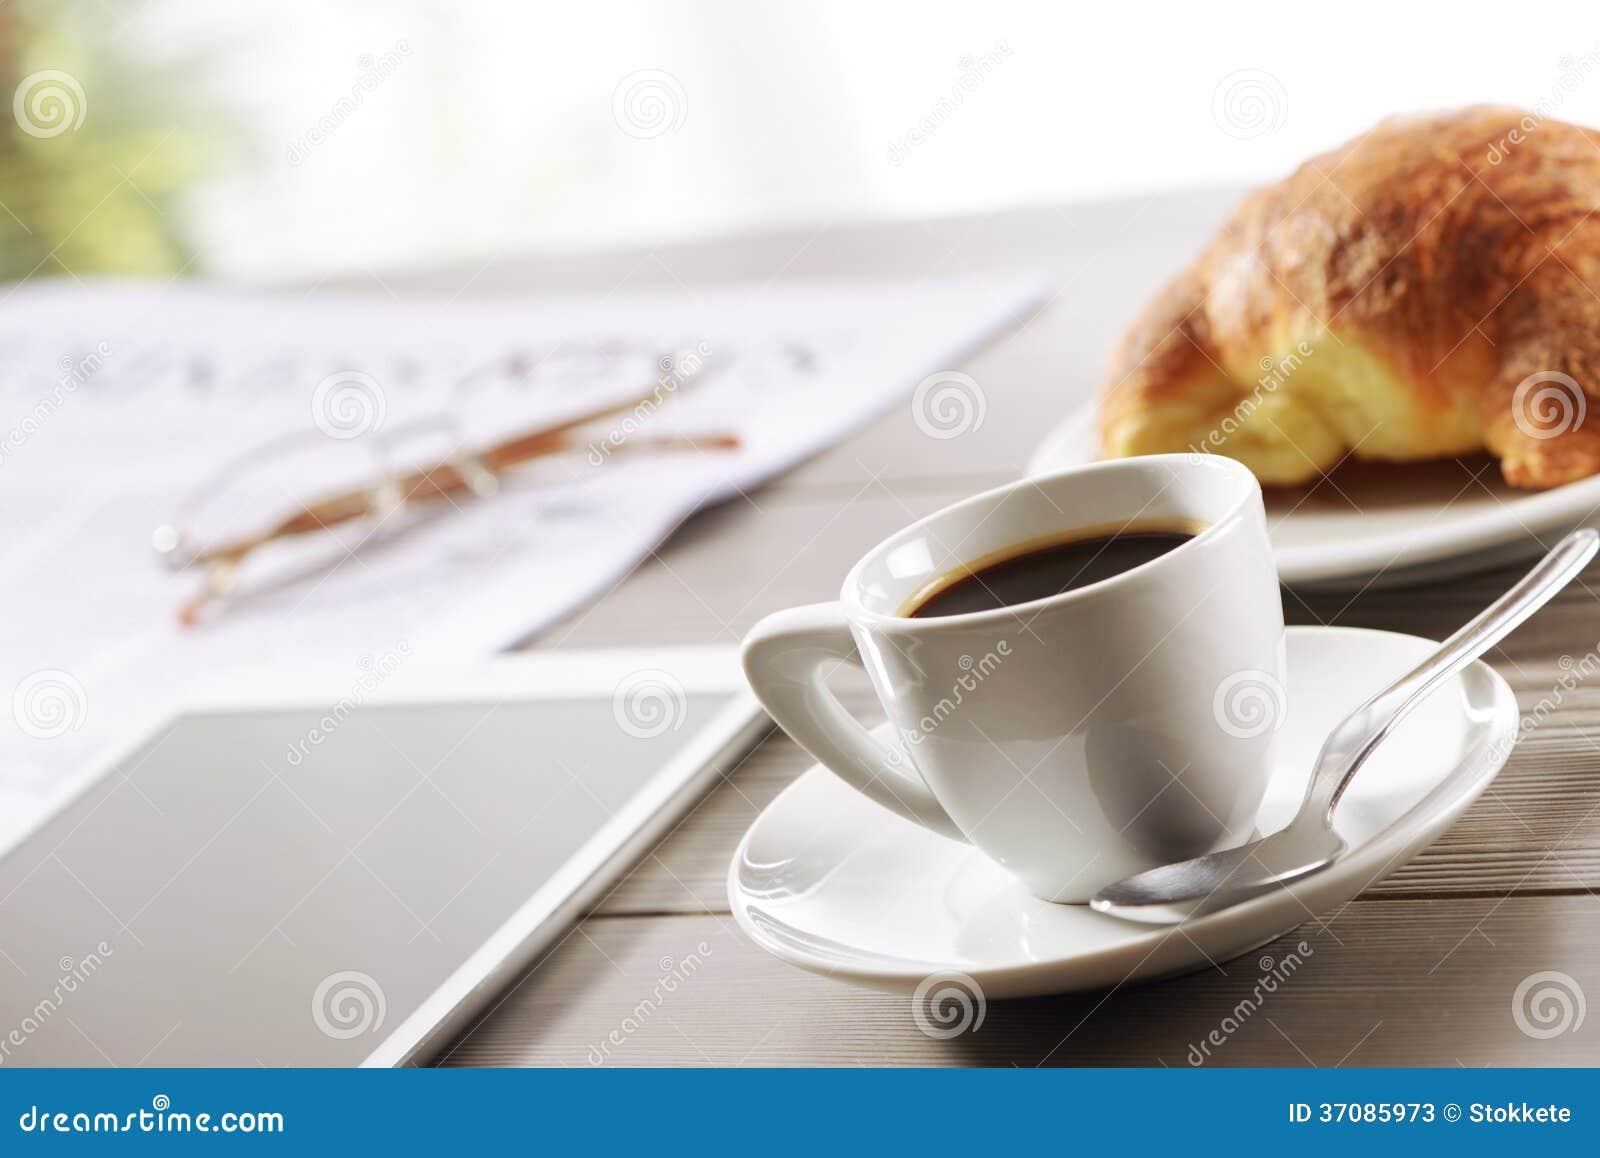 Download Coffe przerwa przy pracą obraz stock. Obraz złożonej z dotyk - 37085973